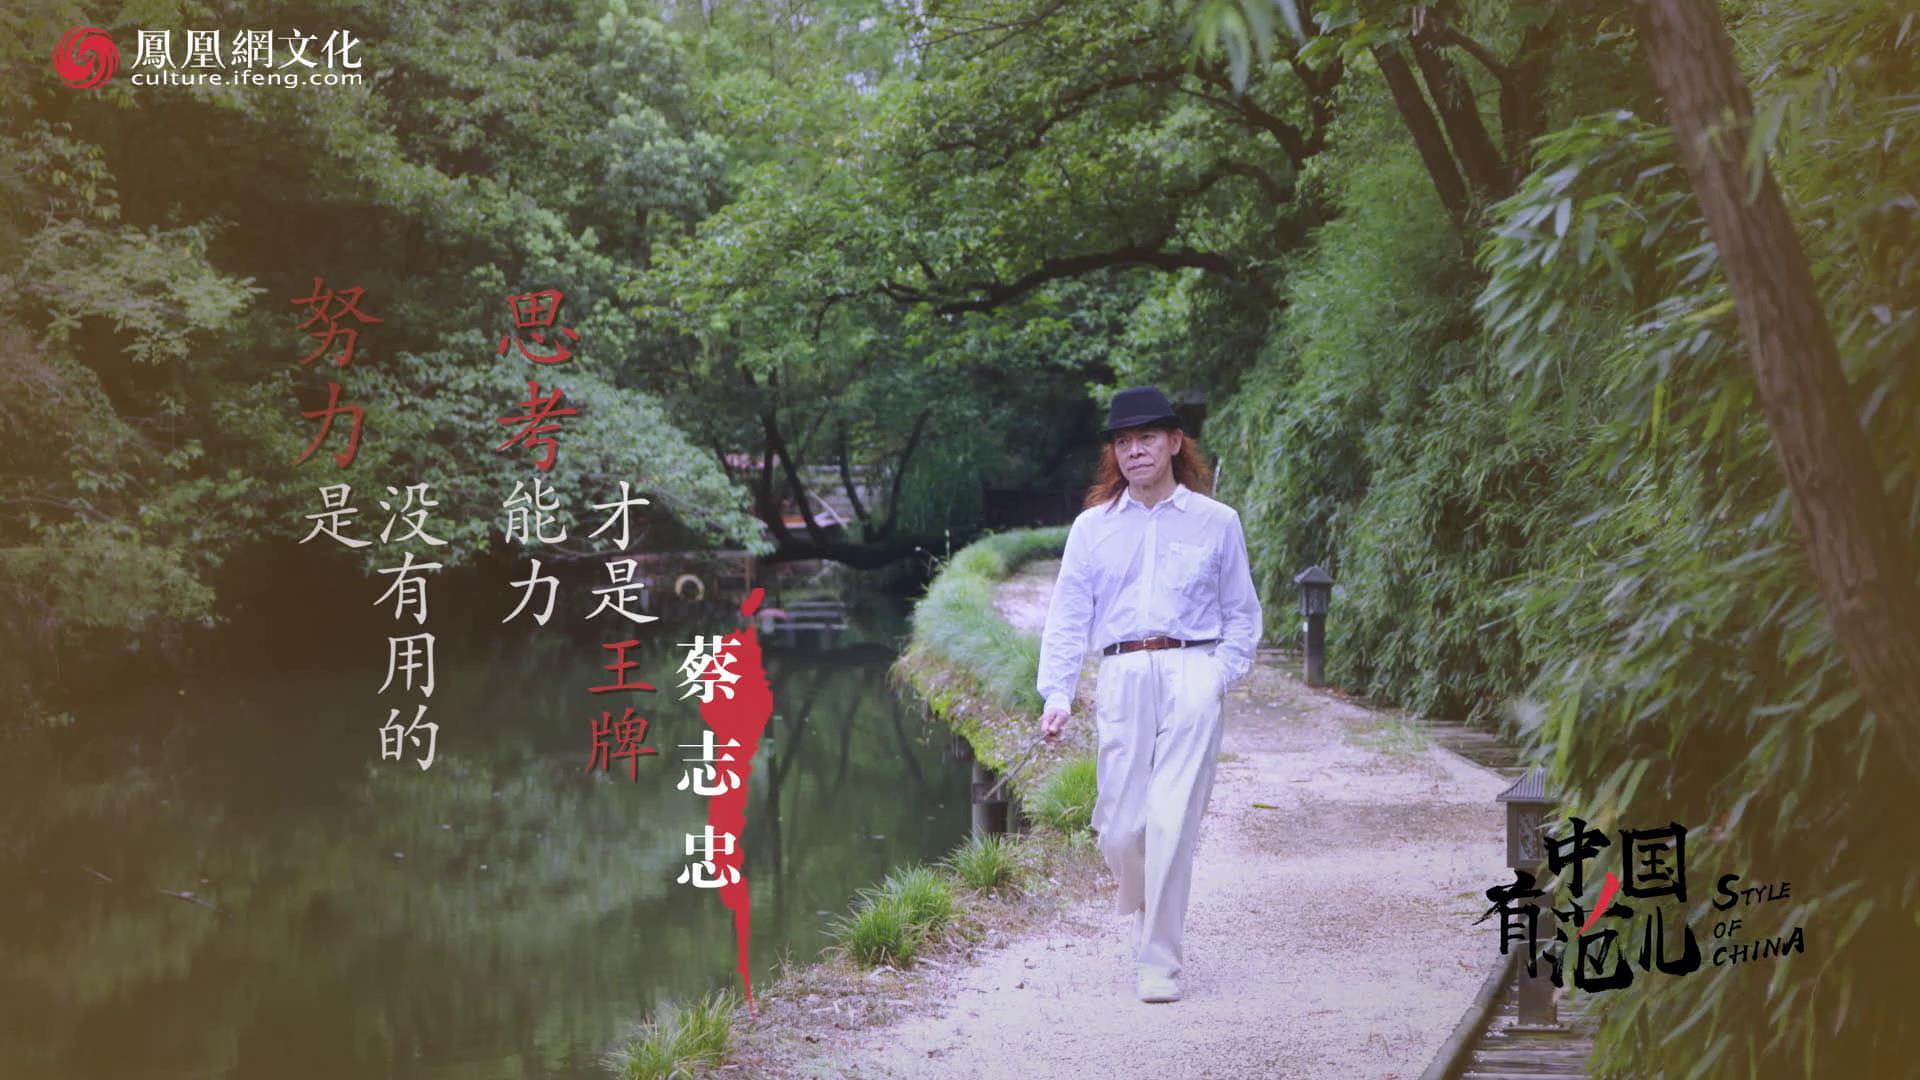 蔡志忠:画中国历史故事 全世界没人画得赢我